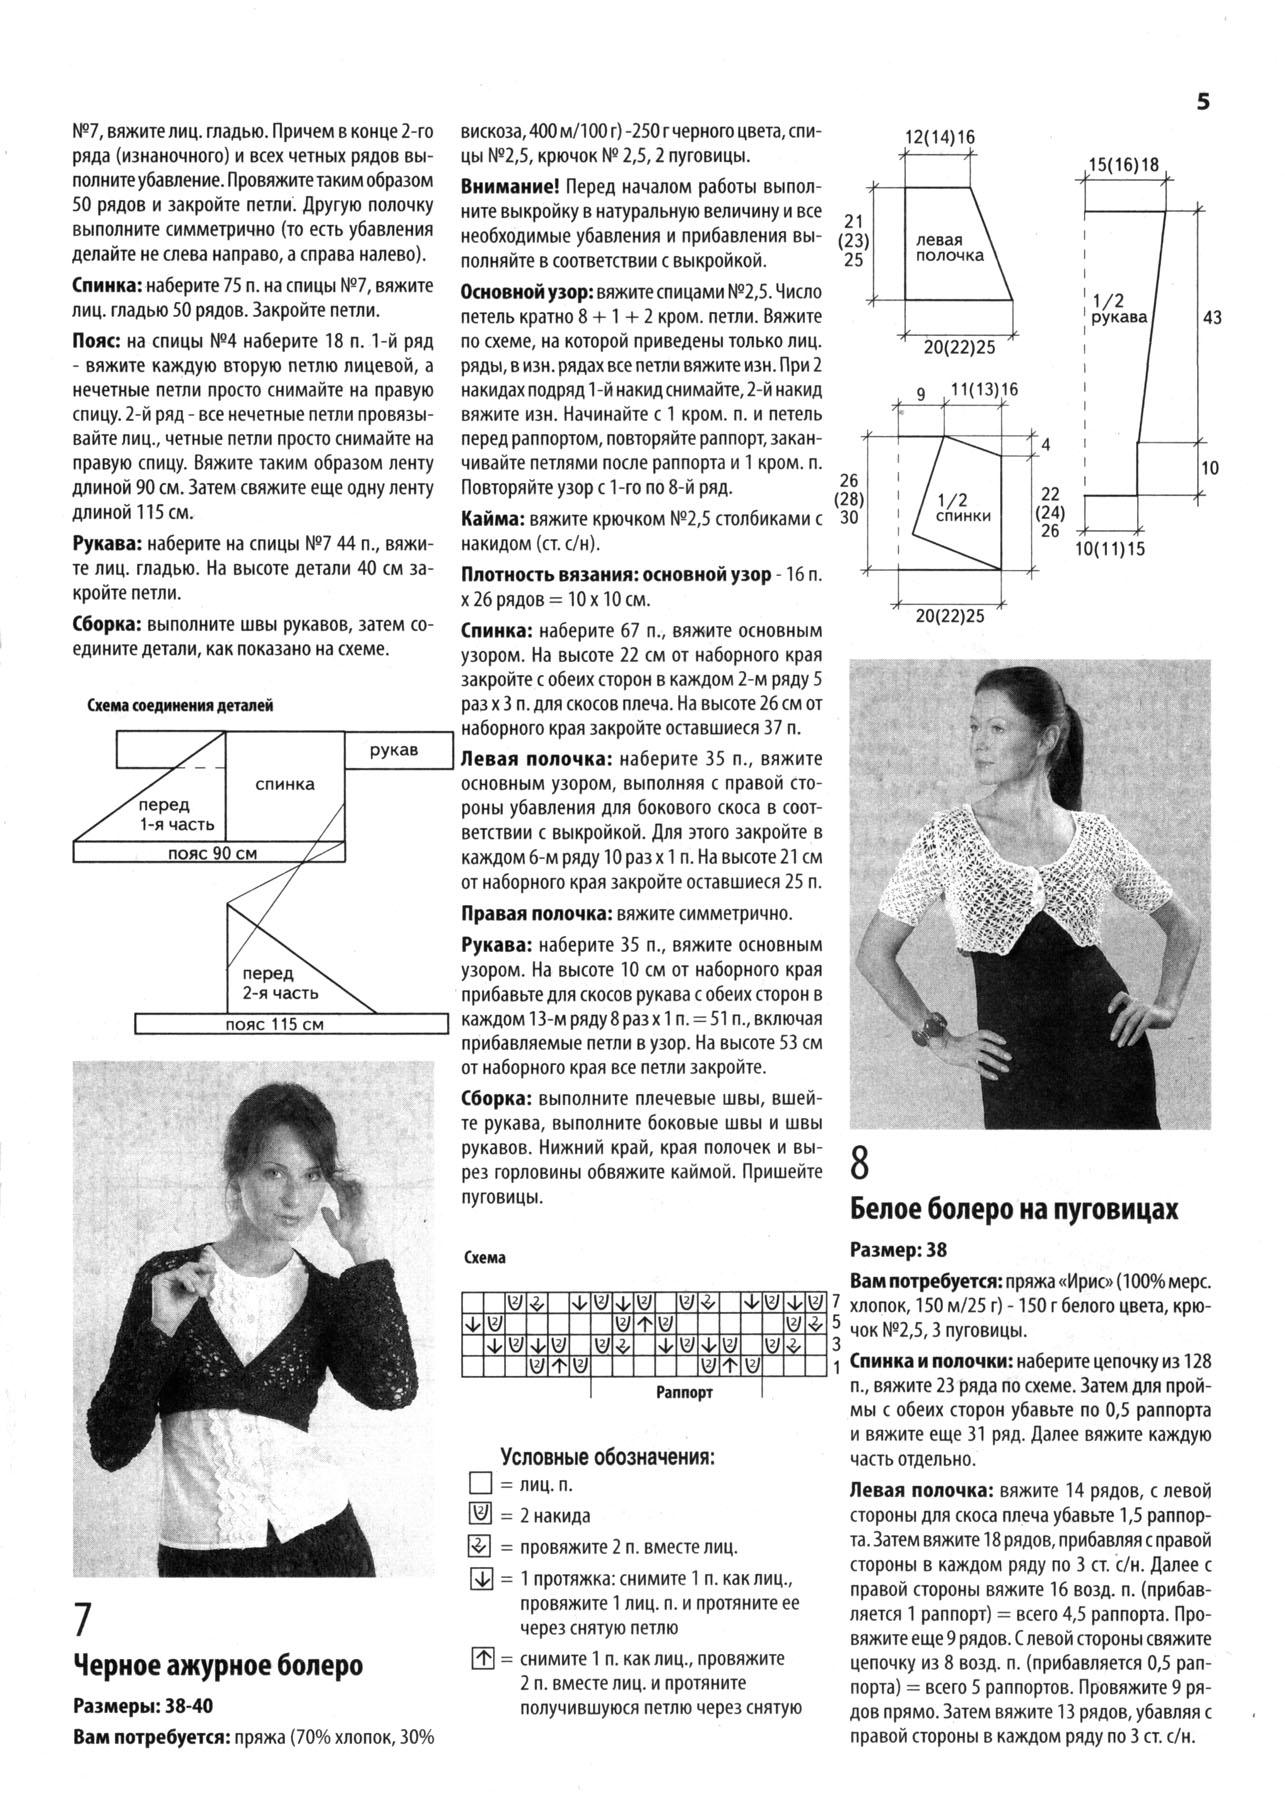 Описание по вязанию ажурного болеро